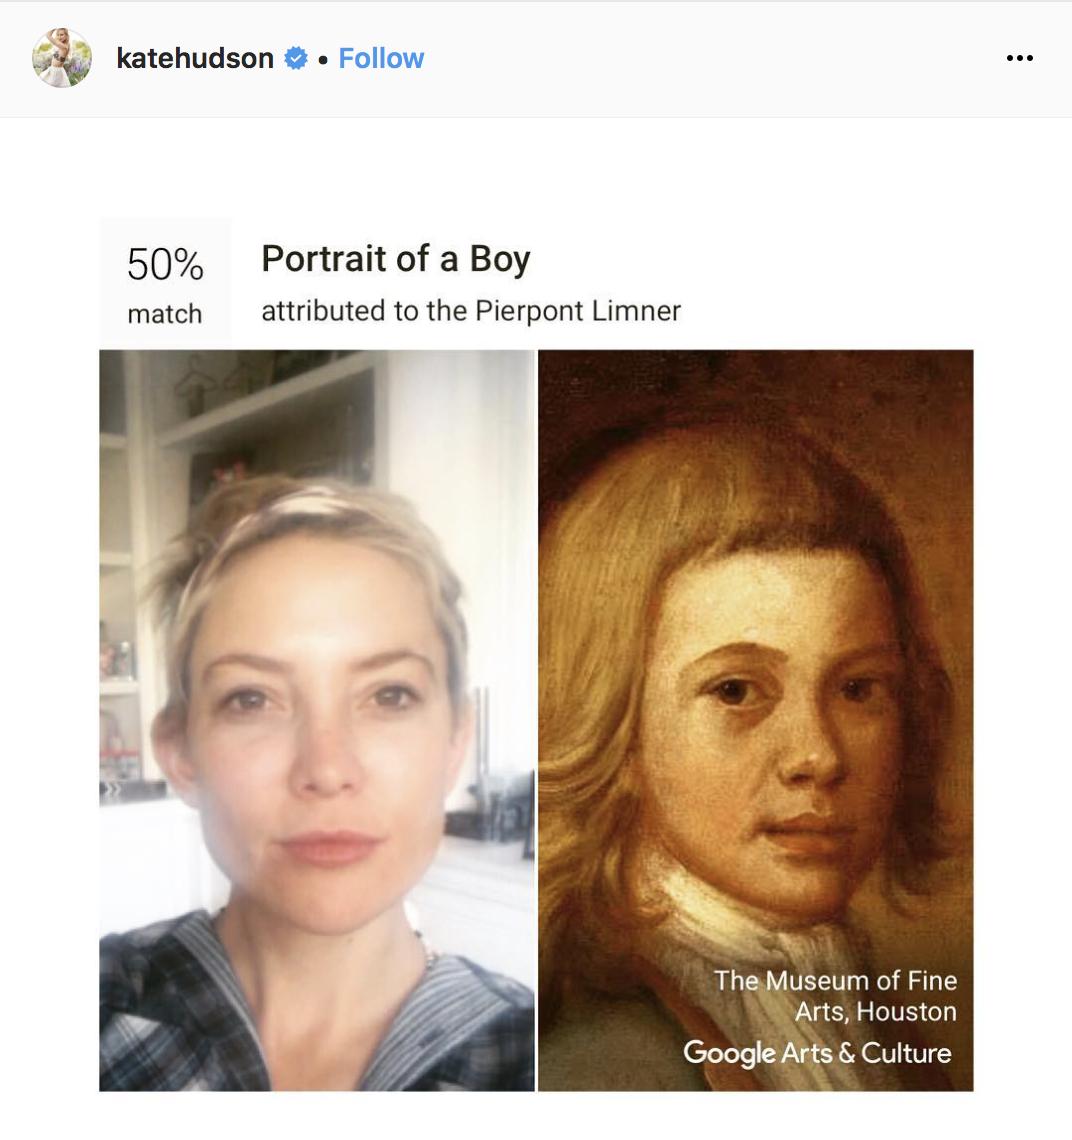 Кейт Хадсон — мальчик с портрета английского художника Пирпона Лимнера.